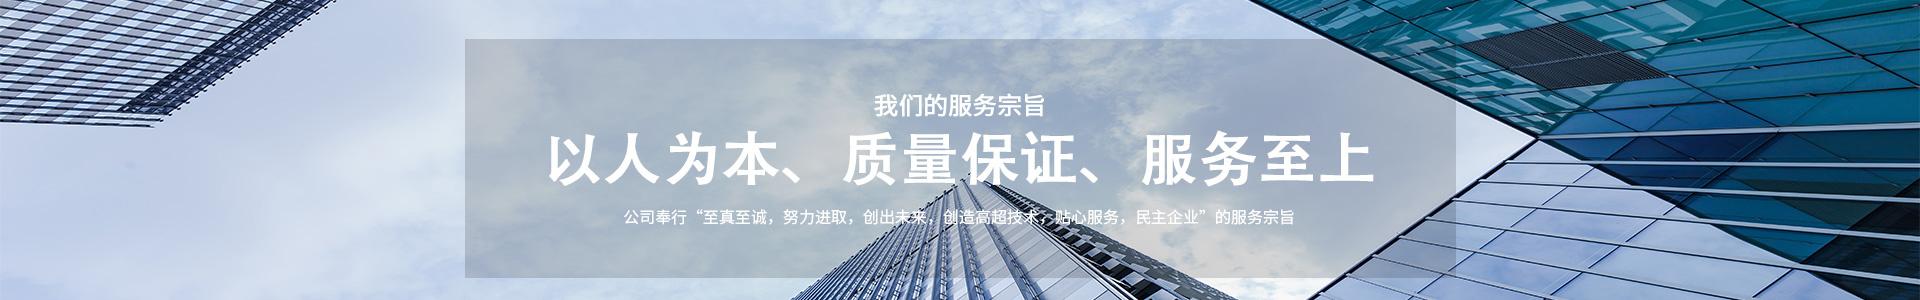 扬州圣昌旭贸易有限公司